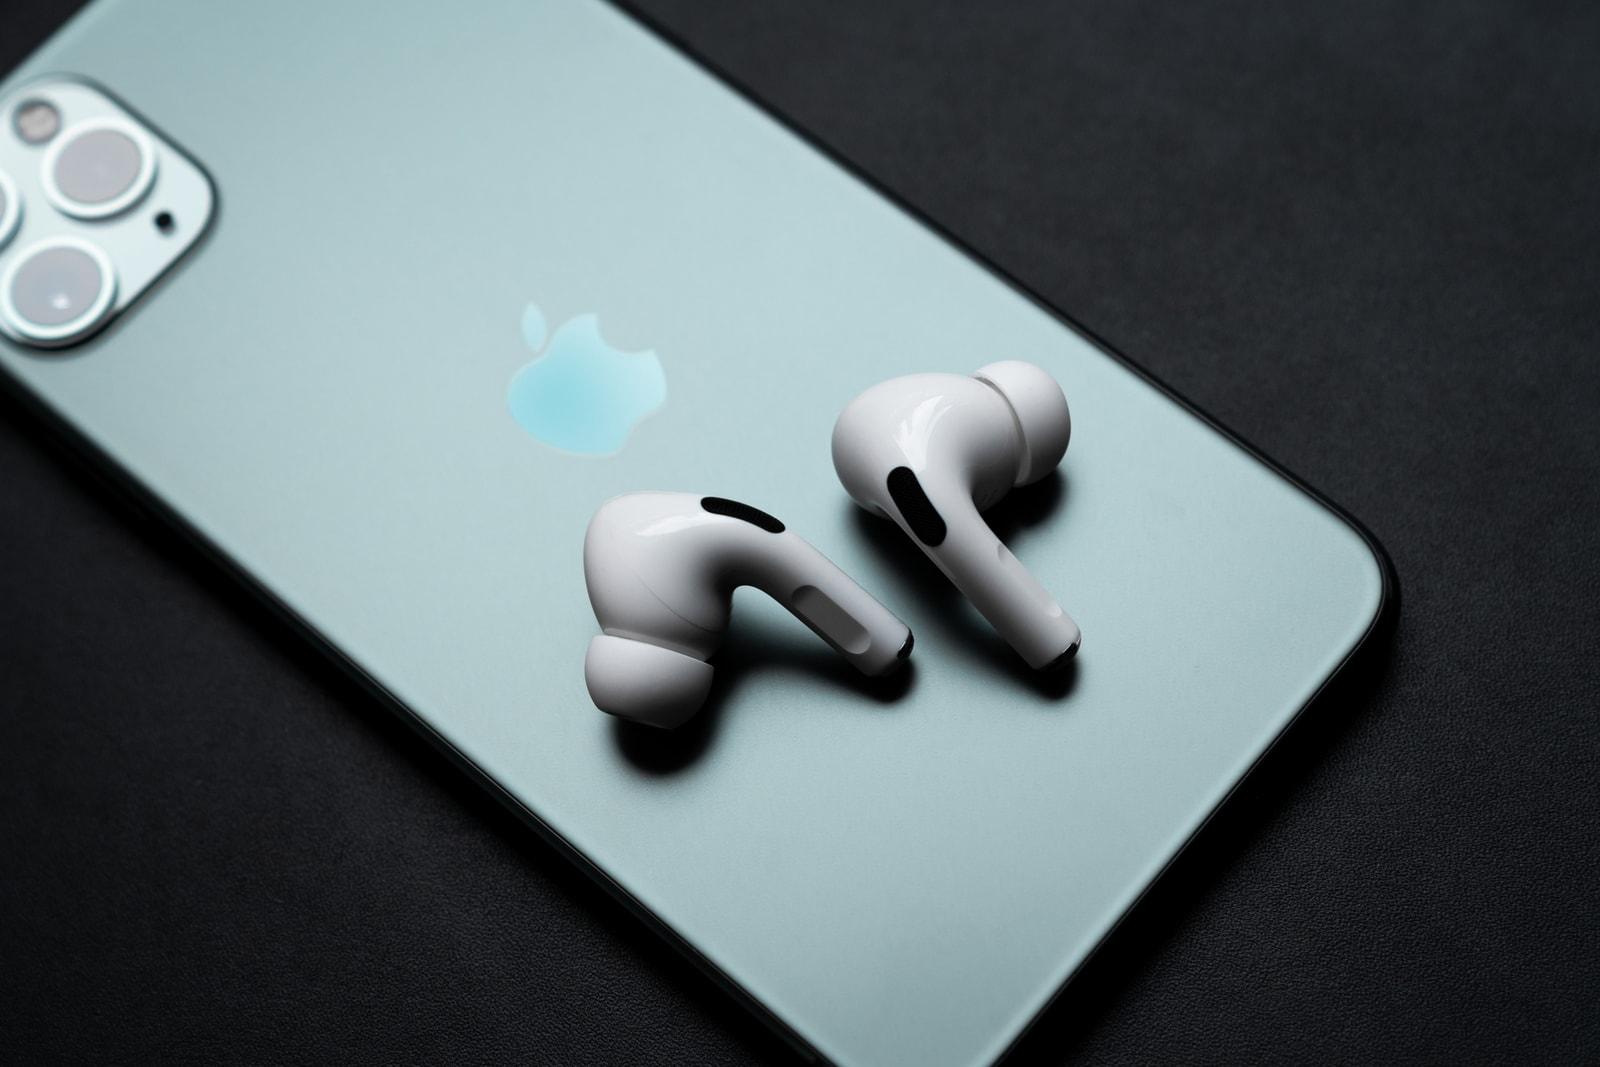 アップル エアポッズ プロ Apple AirPods Pro  付けた瞬間から圧倒的な没入感を実現する 先行レビュー